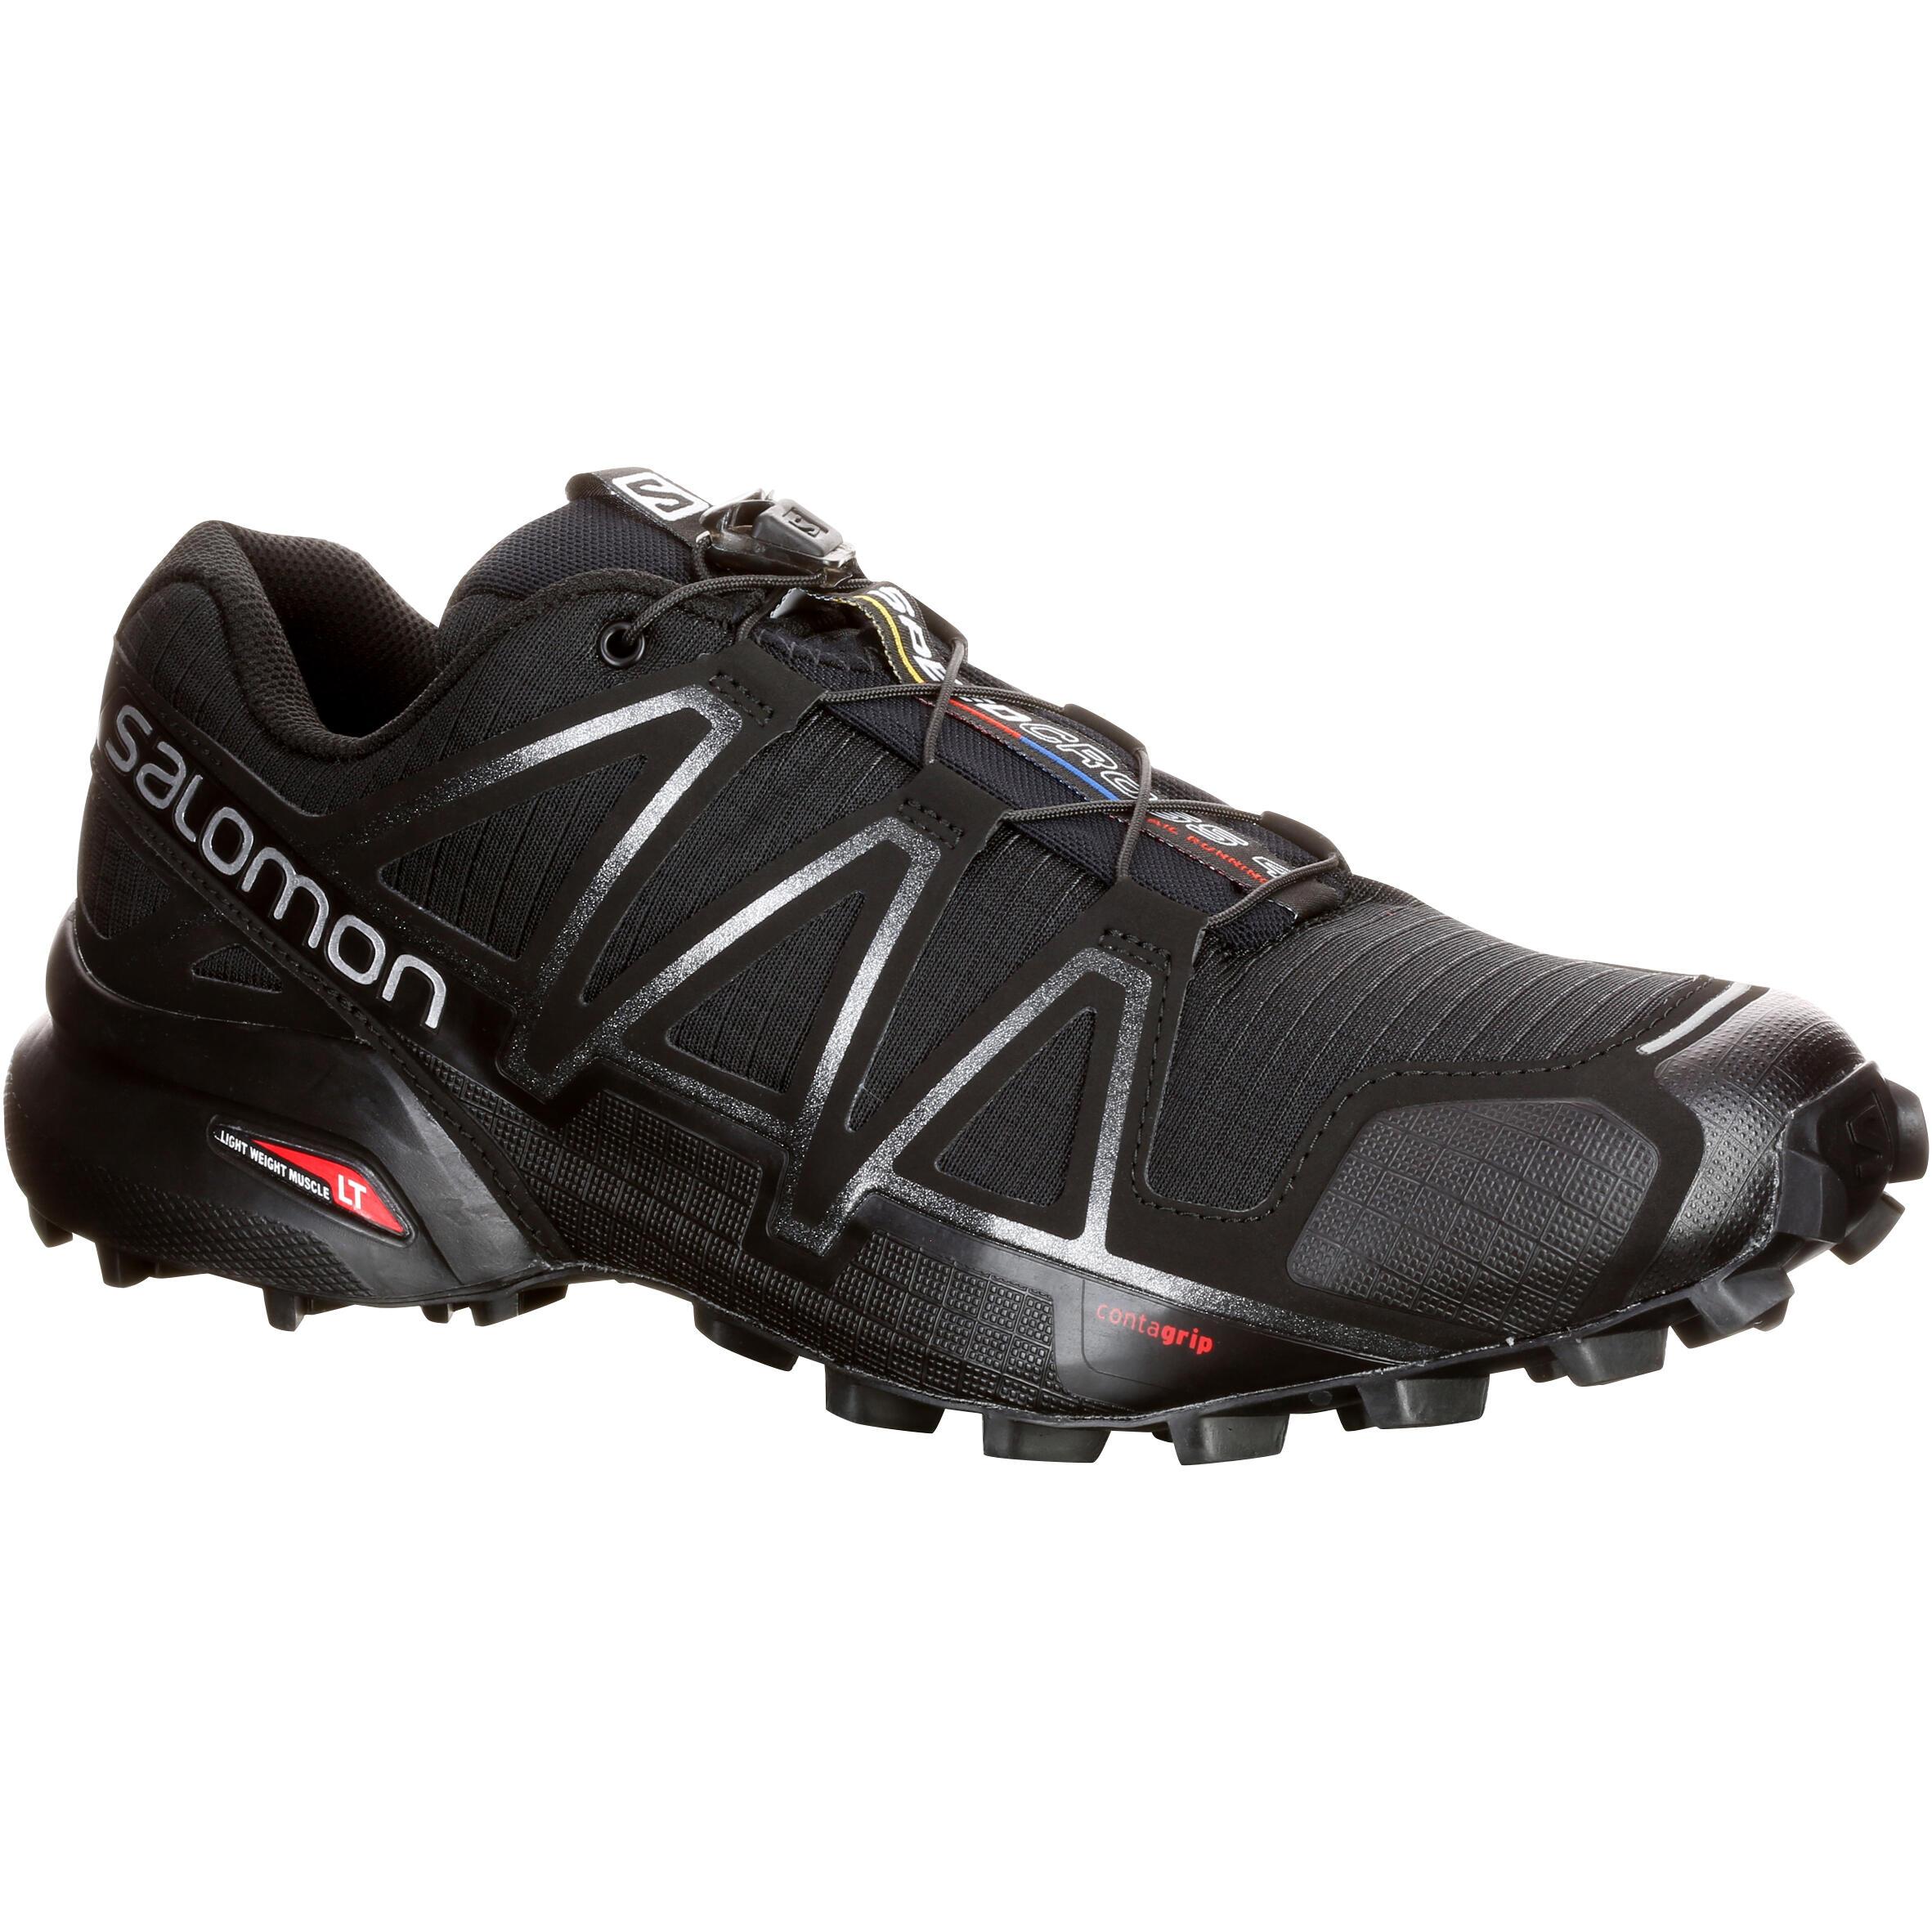 Salomon Black Softshell Shoes